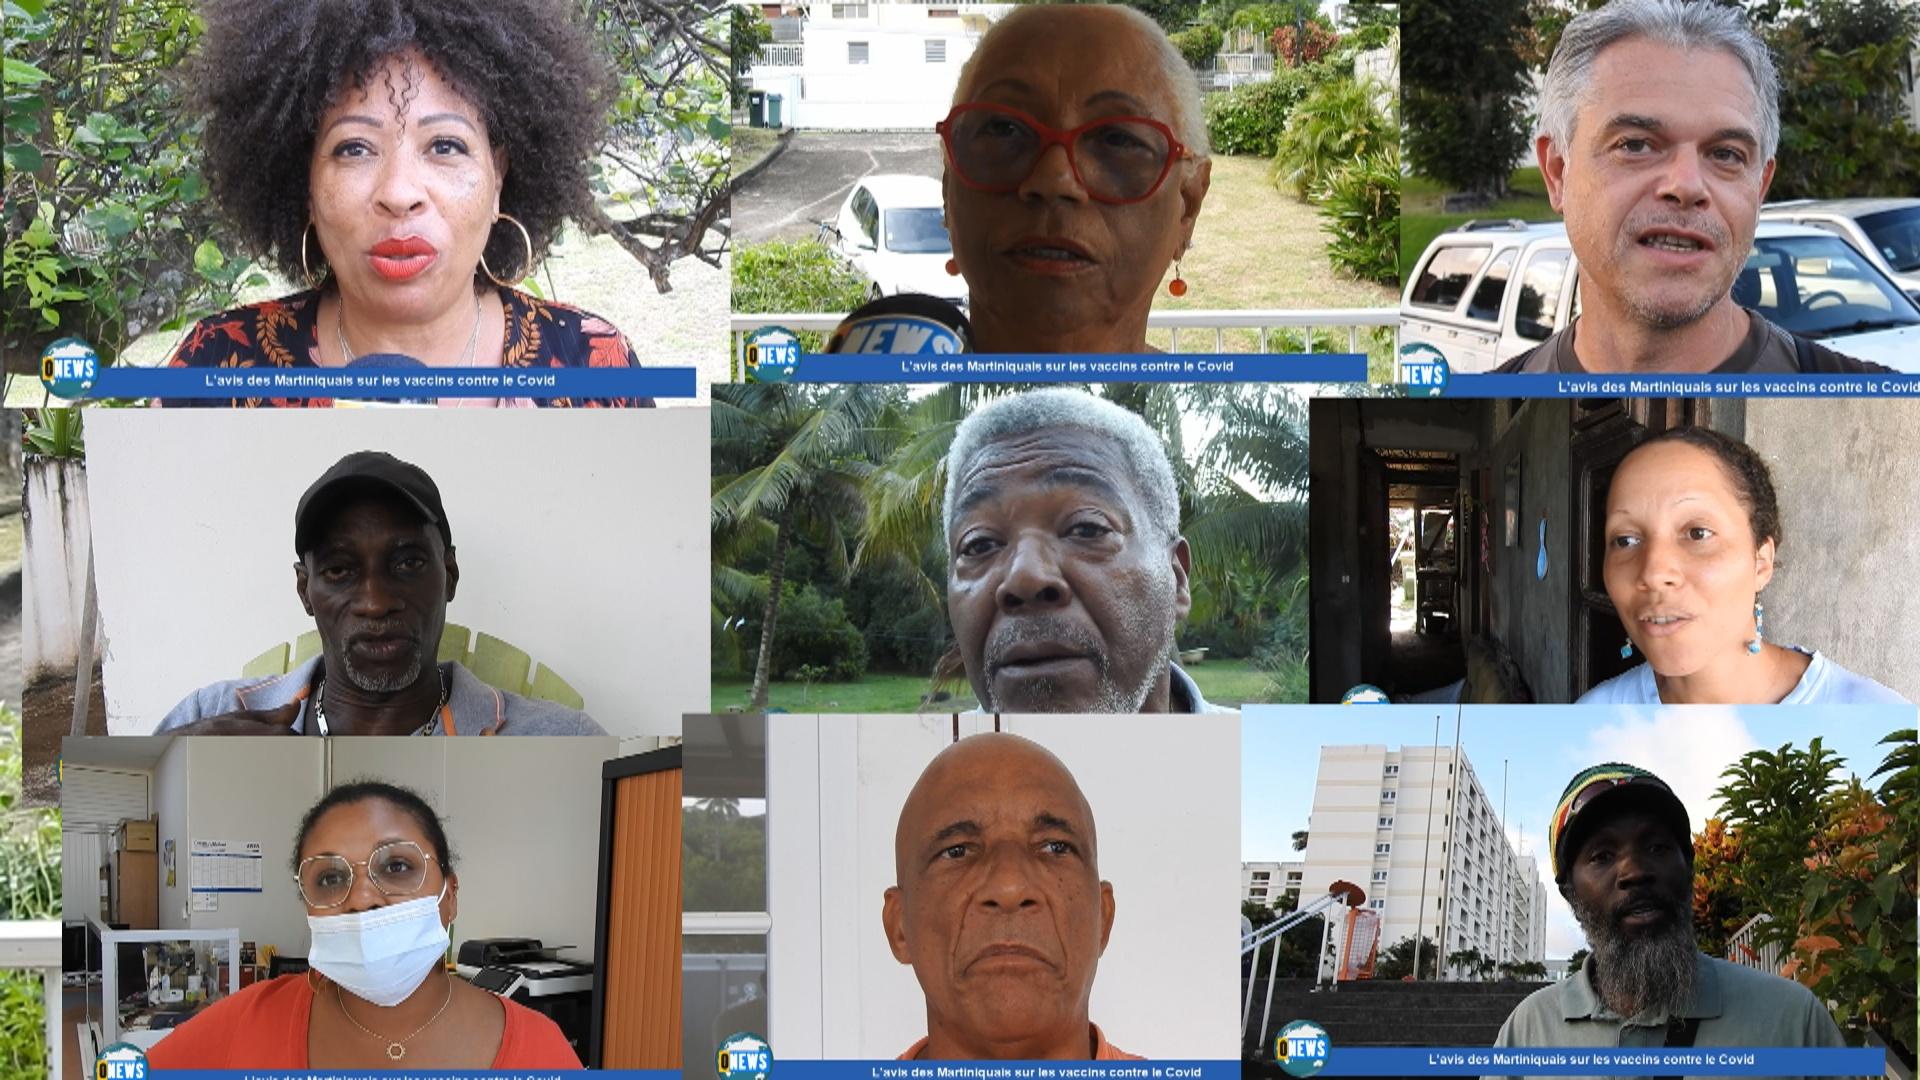 [Vidéo] Onews Martinique. Les martiniquais donnent leur avis sur les vaccins contre le covid